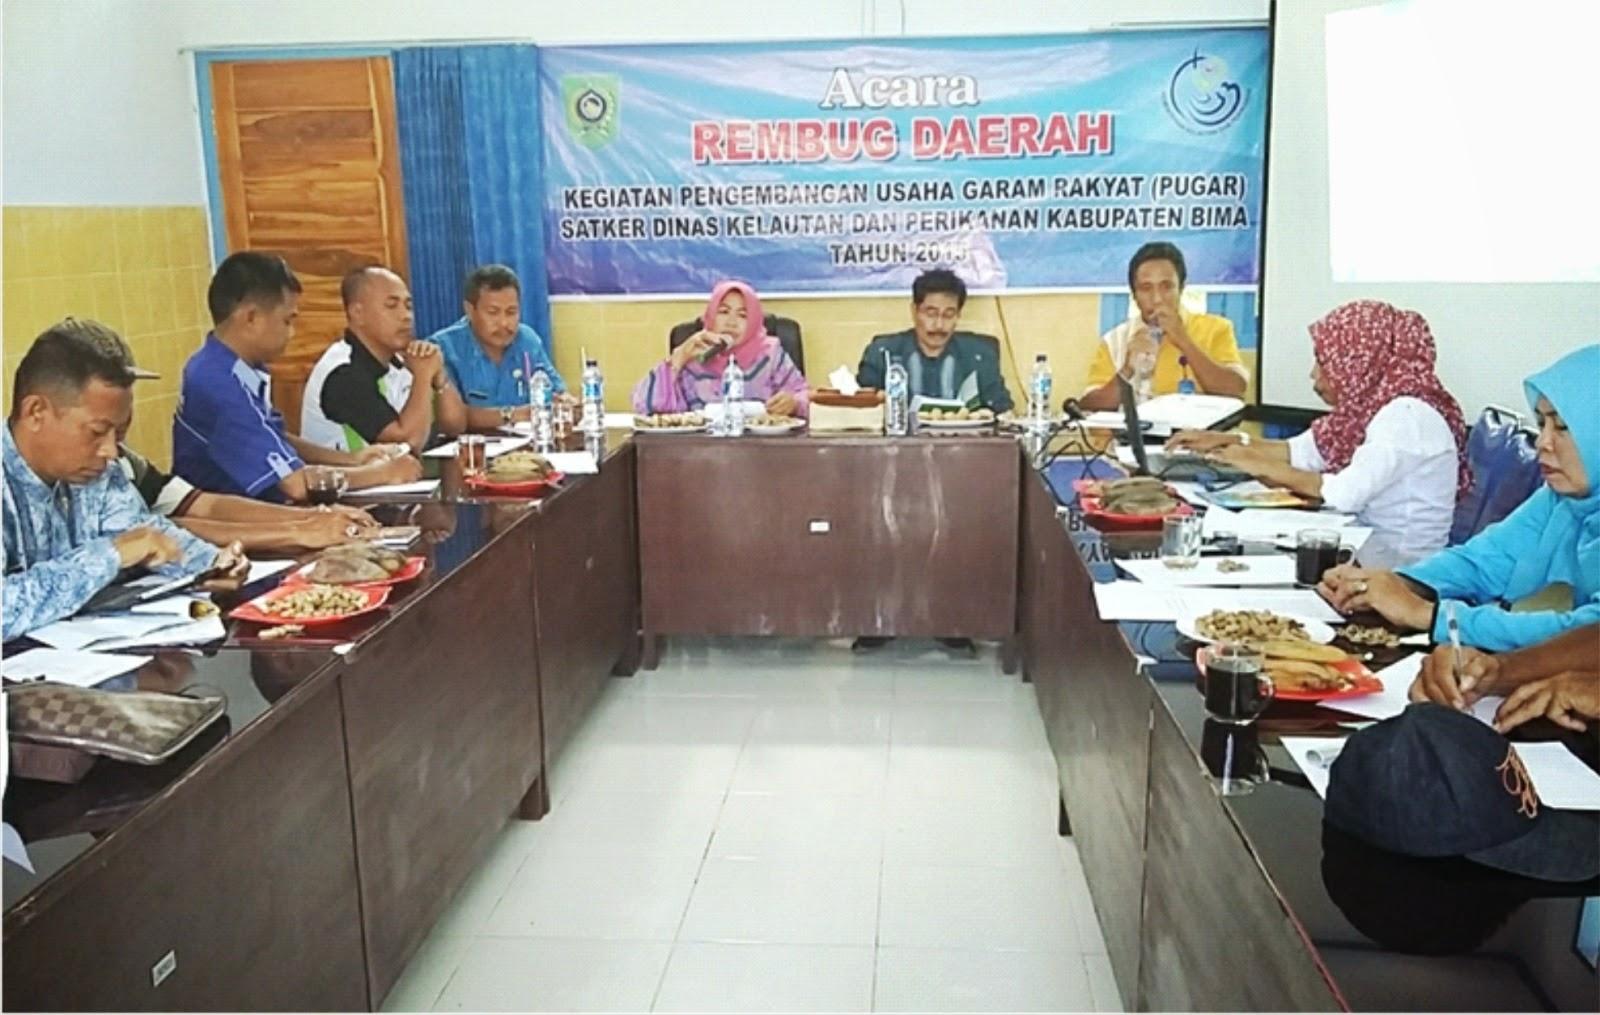 Awali Program PUGAR, DKP Kabupaten Bima Helat Rembug